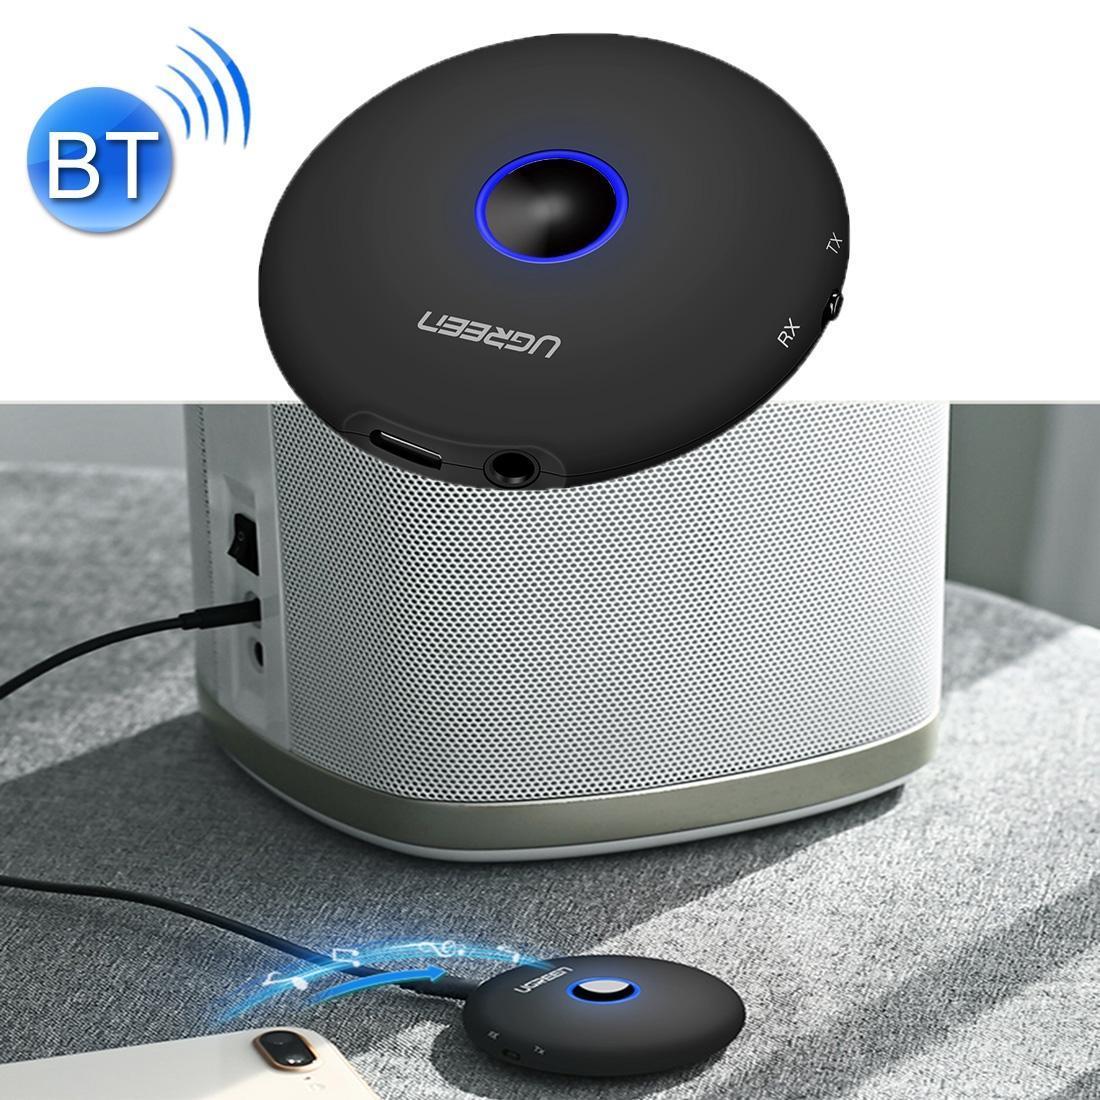 UGREEN CM108 2 in 1 Bluetooth V4. 2 аудио приемник и передатчик 3,5 мм адаптер Aptx, дальность передачи: 10 м, для телевизора, ПК, наушников, Sp